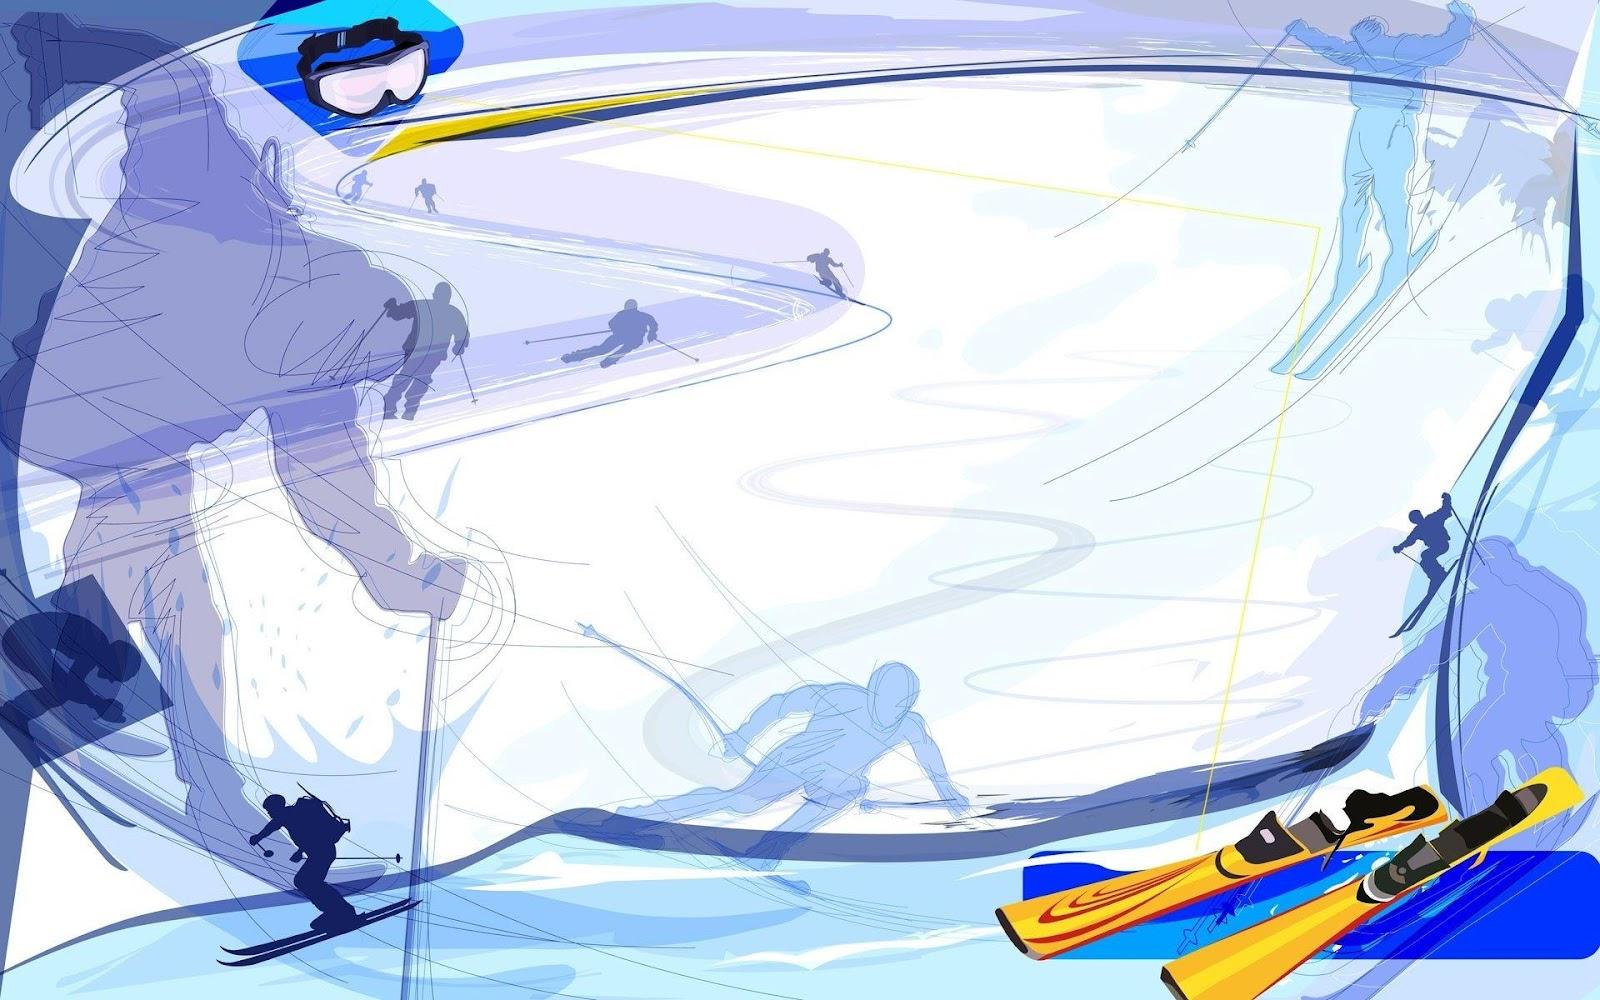 https://w-dog.ru/wallpapers/3/9/480432538631038/lyzhi-ochki-lyzhnyj-sport-oboi-spusk-abstrakciya-vektor.jpg